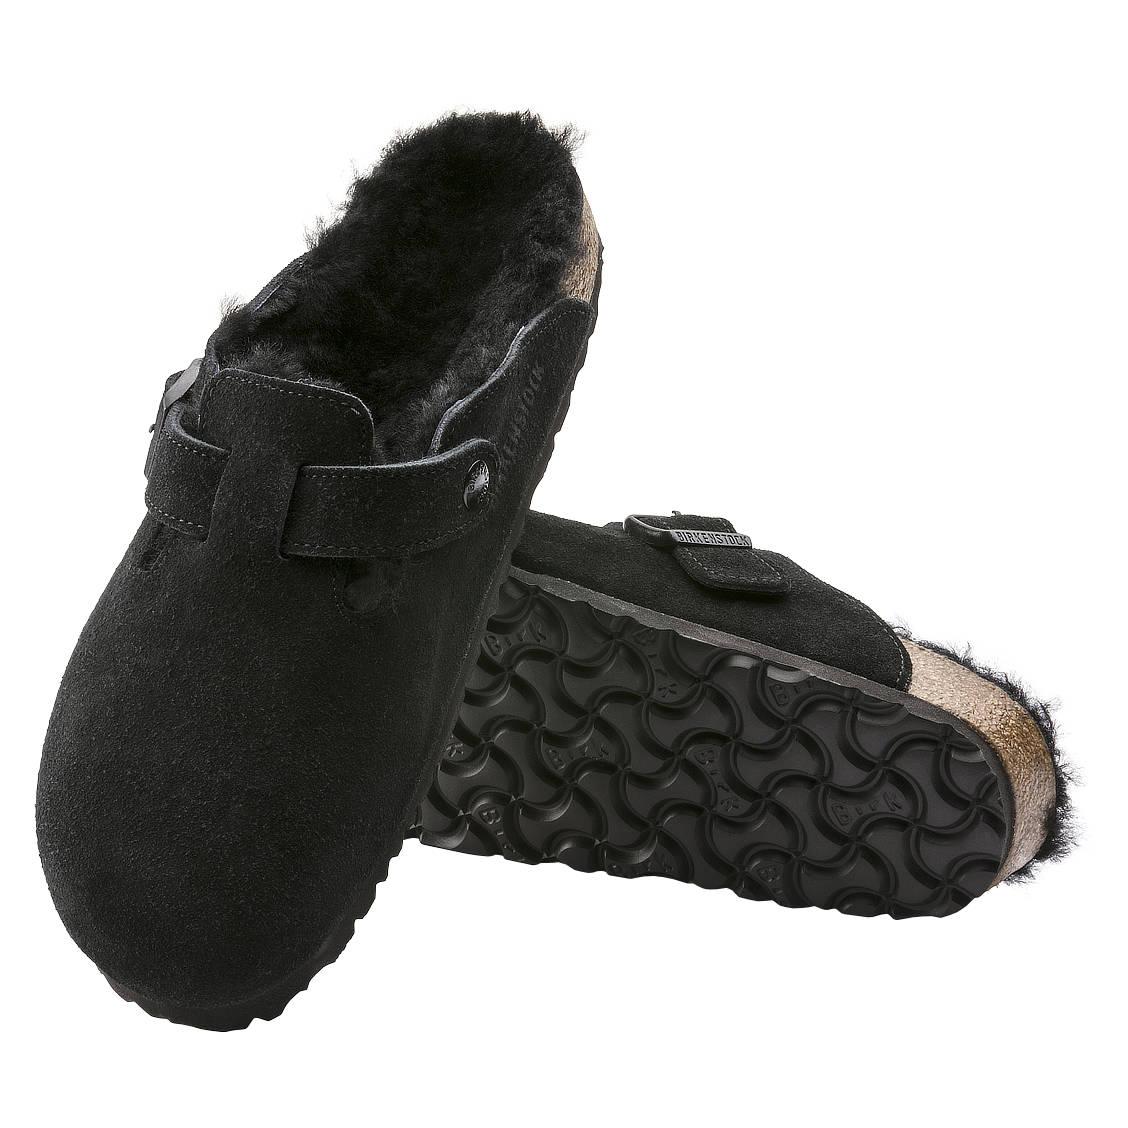 birkenstock-259881_259883_sole